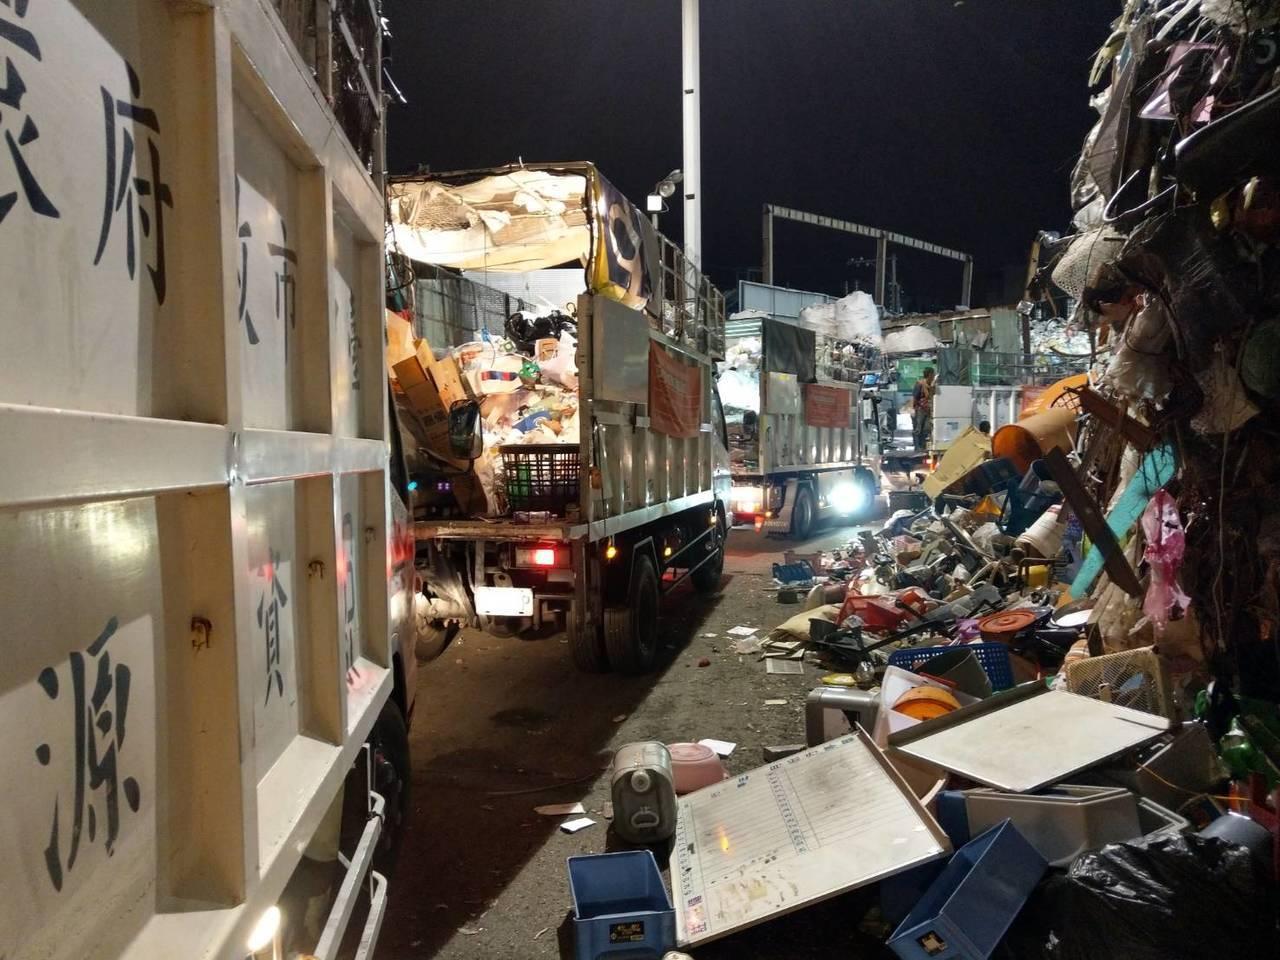 台中市清潔隊員投訴,資源回收物爆量,車輛大排長龍進不了回收廠。圖/讀者提供